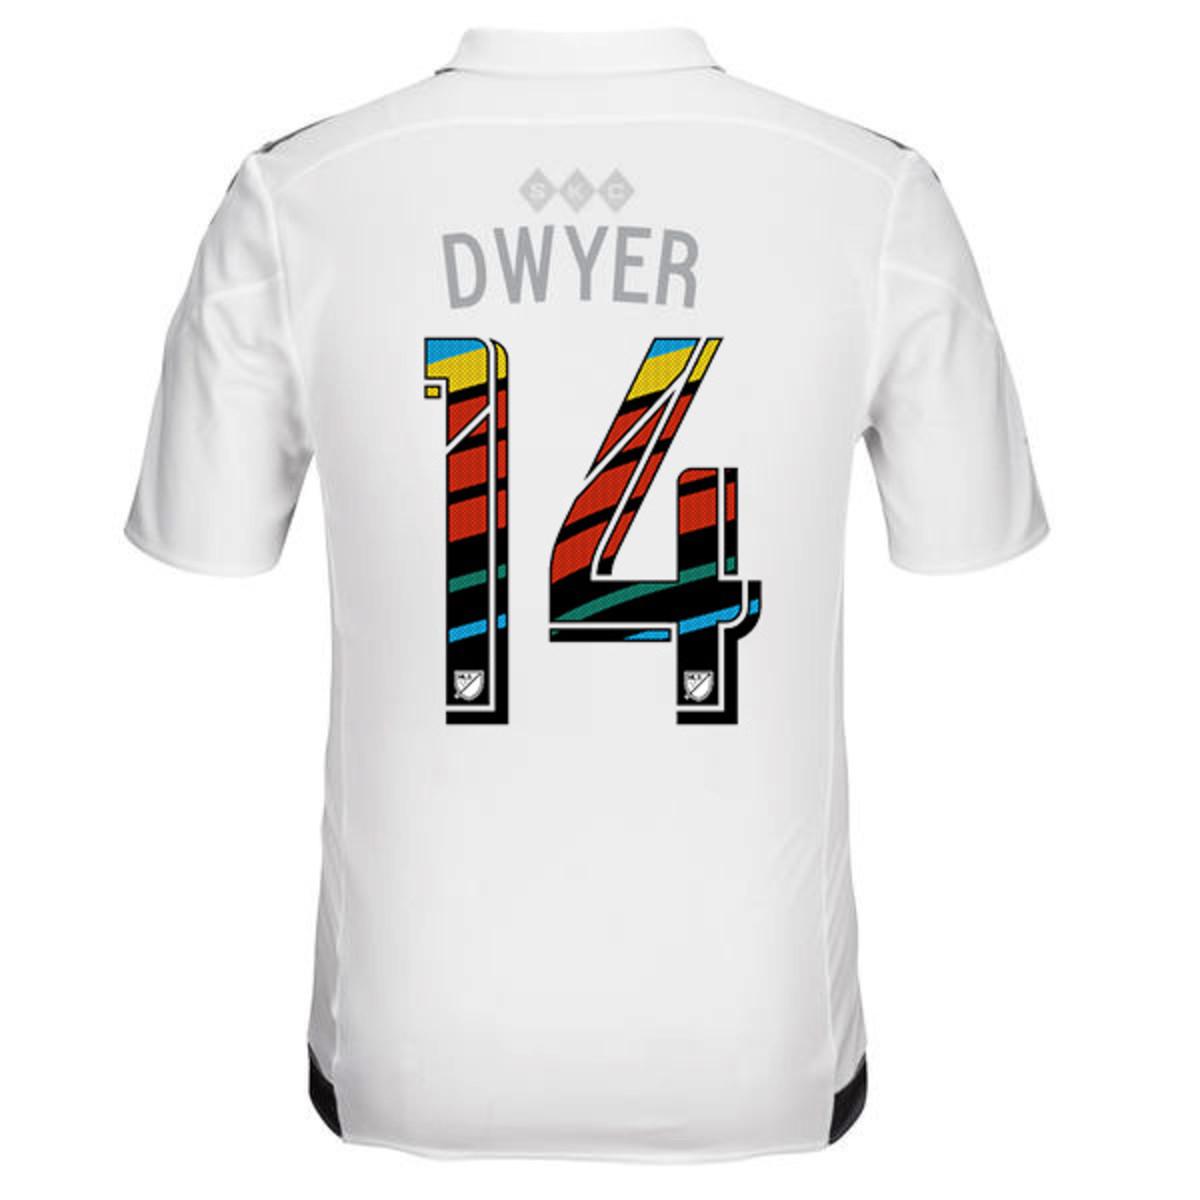 dwyer-throwback-uniform.jpg